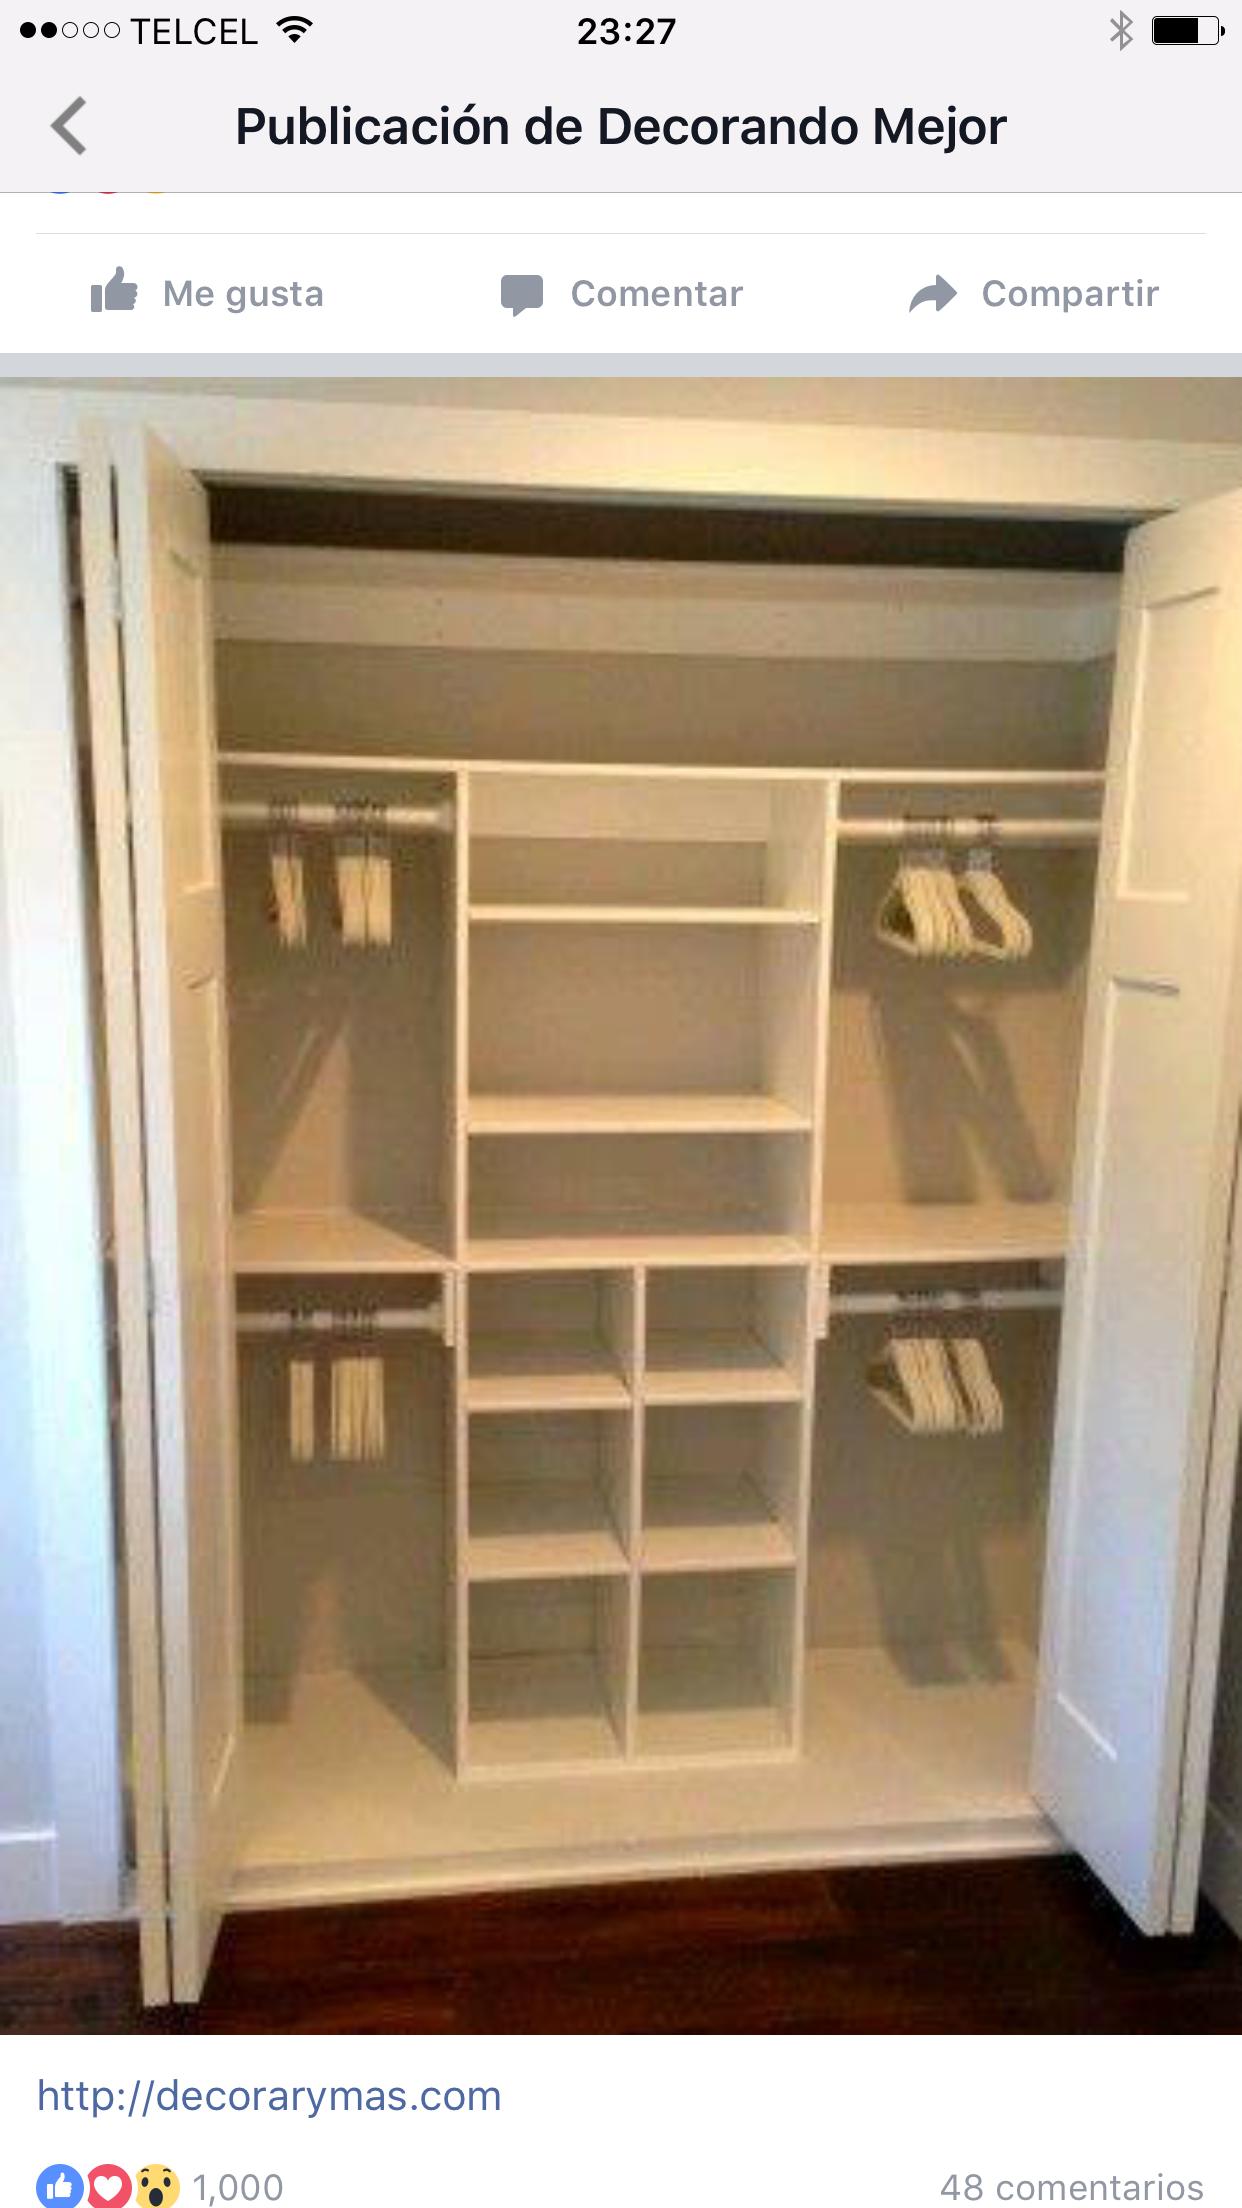 ideas un dado trucos de pasar organization hasta tips espero lynsire y que por para suficientes haya organizar closet organizador gracias te